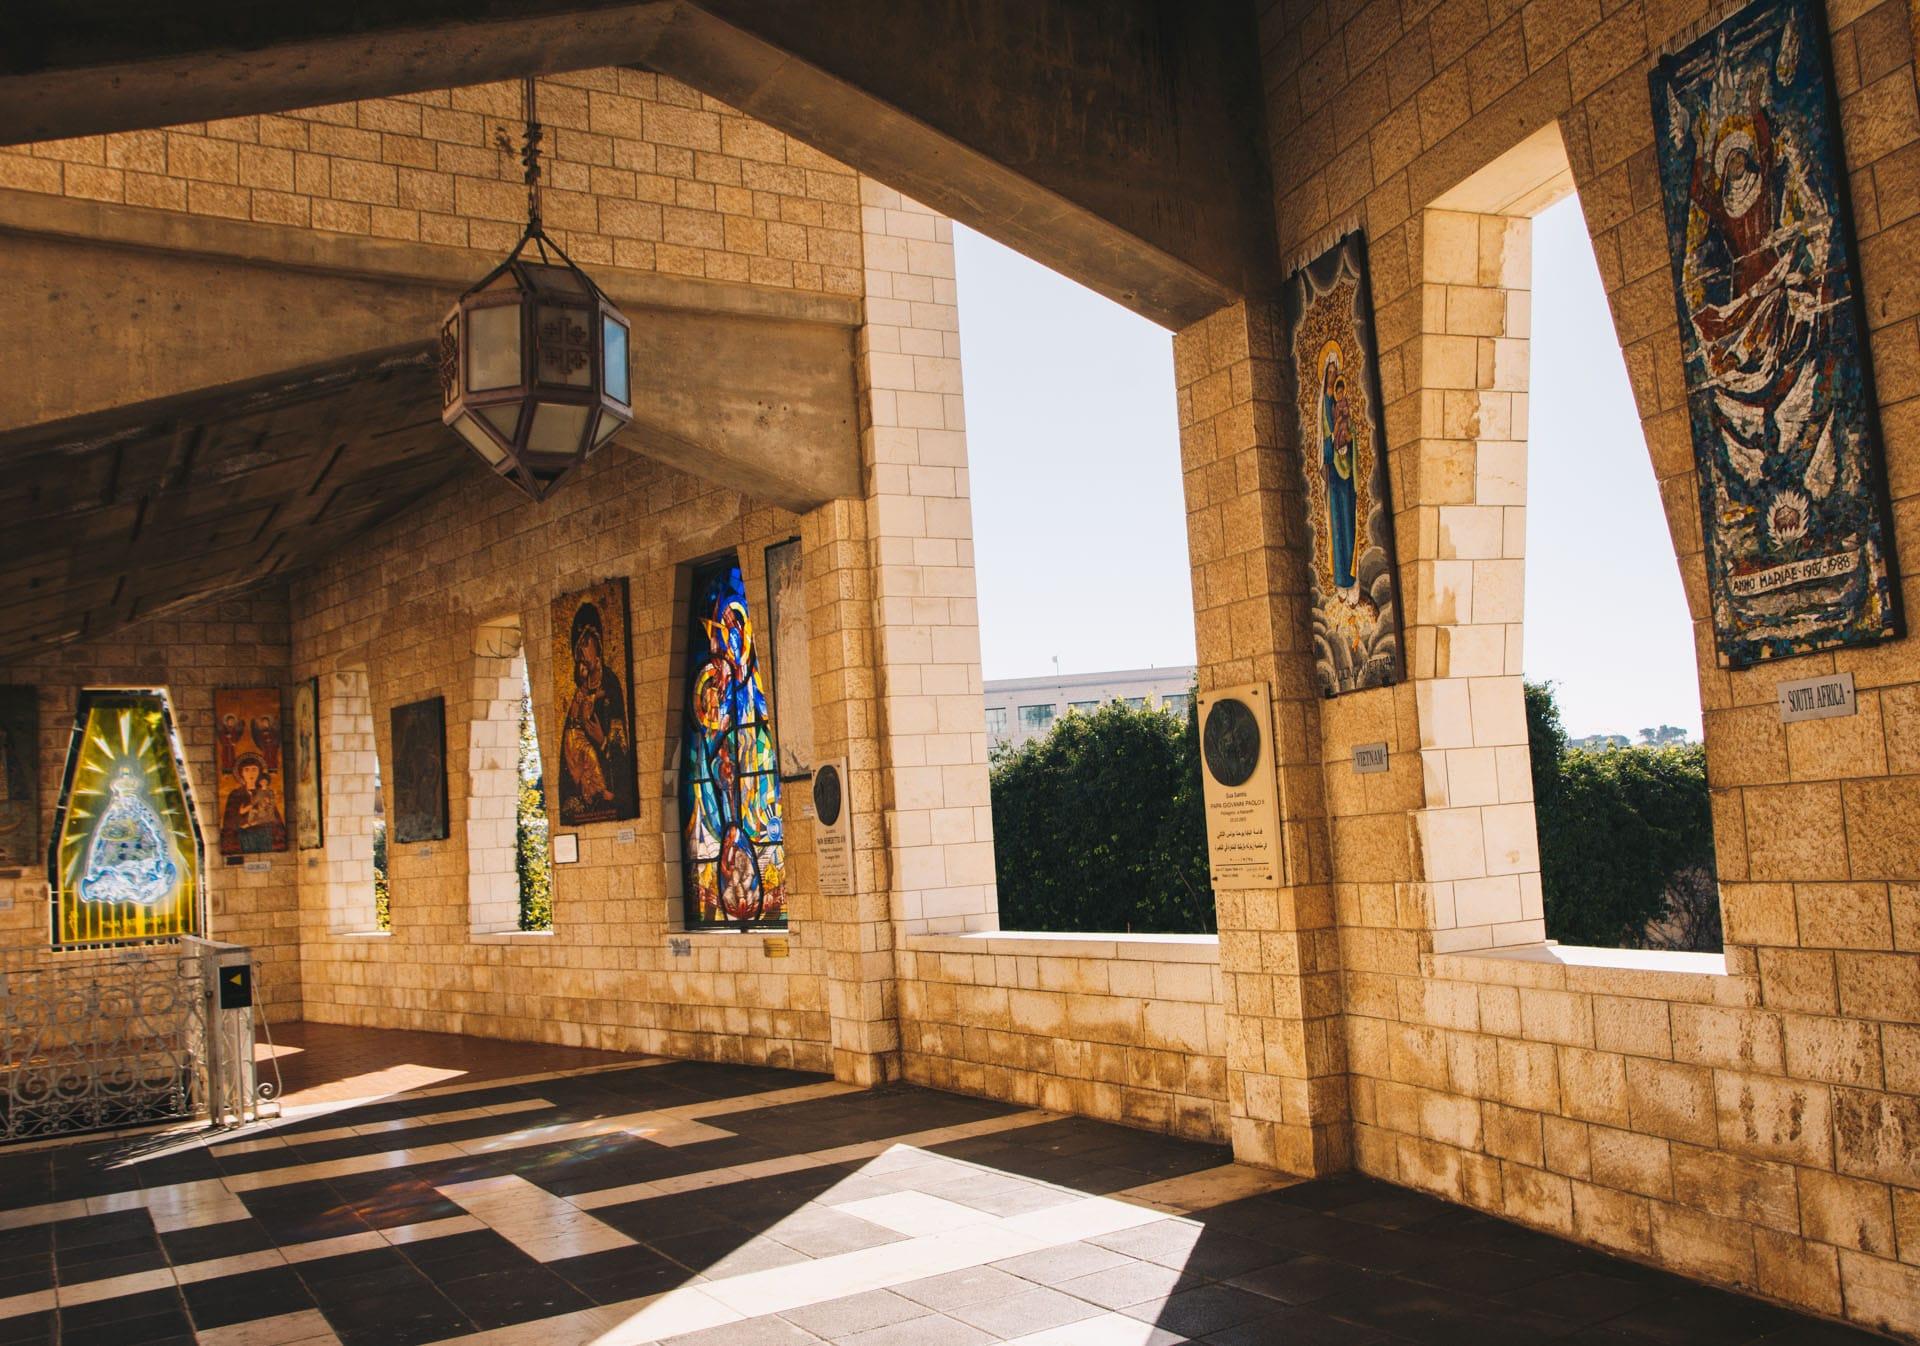 Bazylika Zwiastowania Pańskiego w Nazarecie